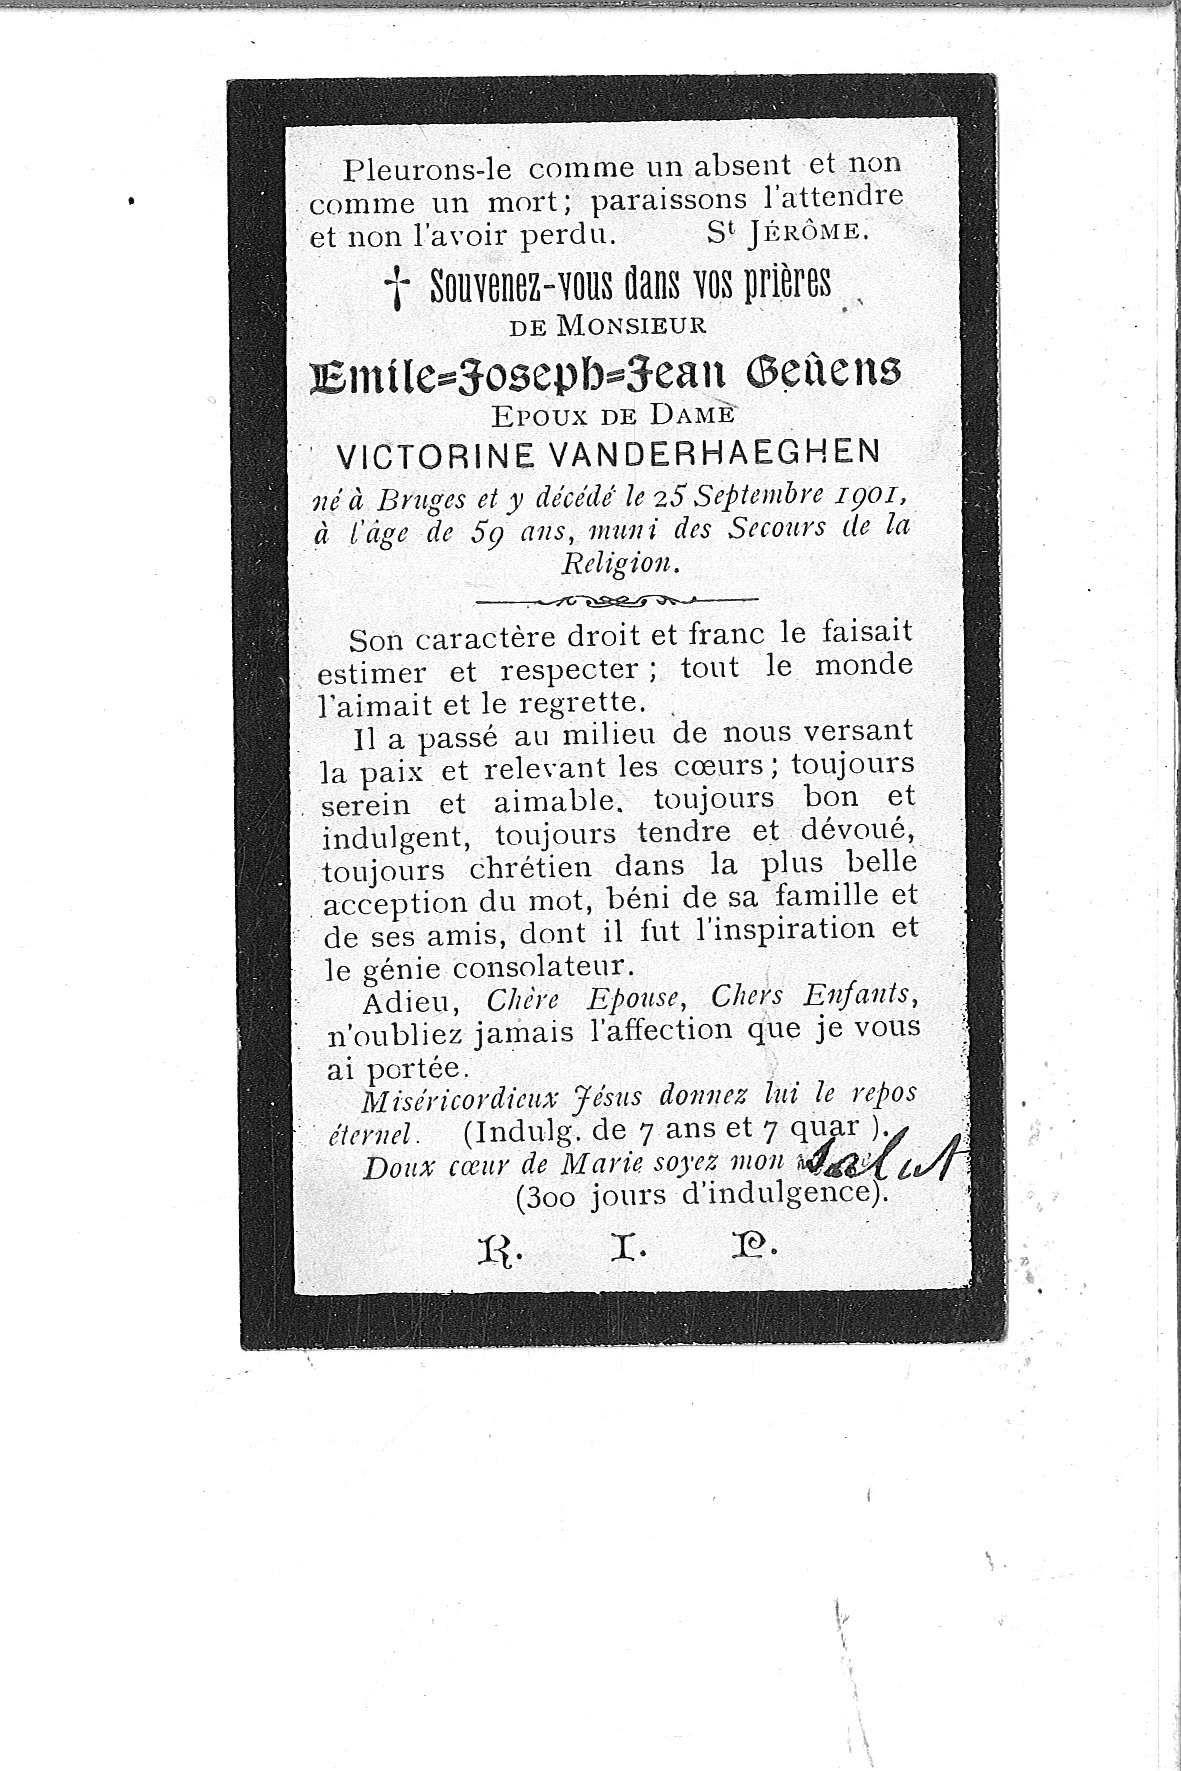 Emile - Joseph - Jean (1901)20131210144048_00010.jpg